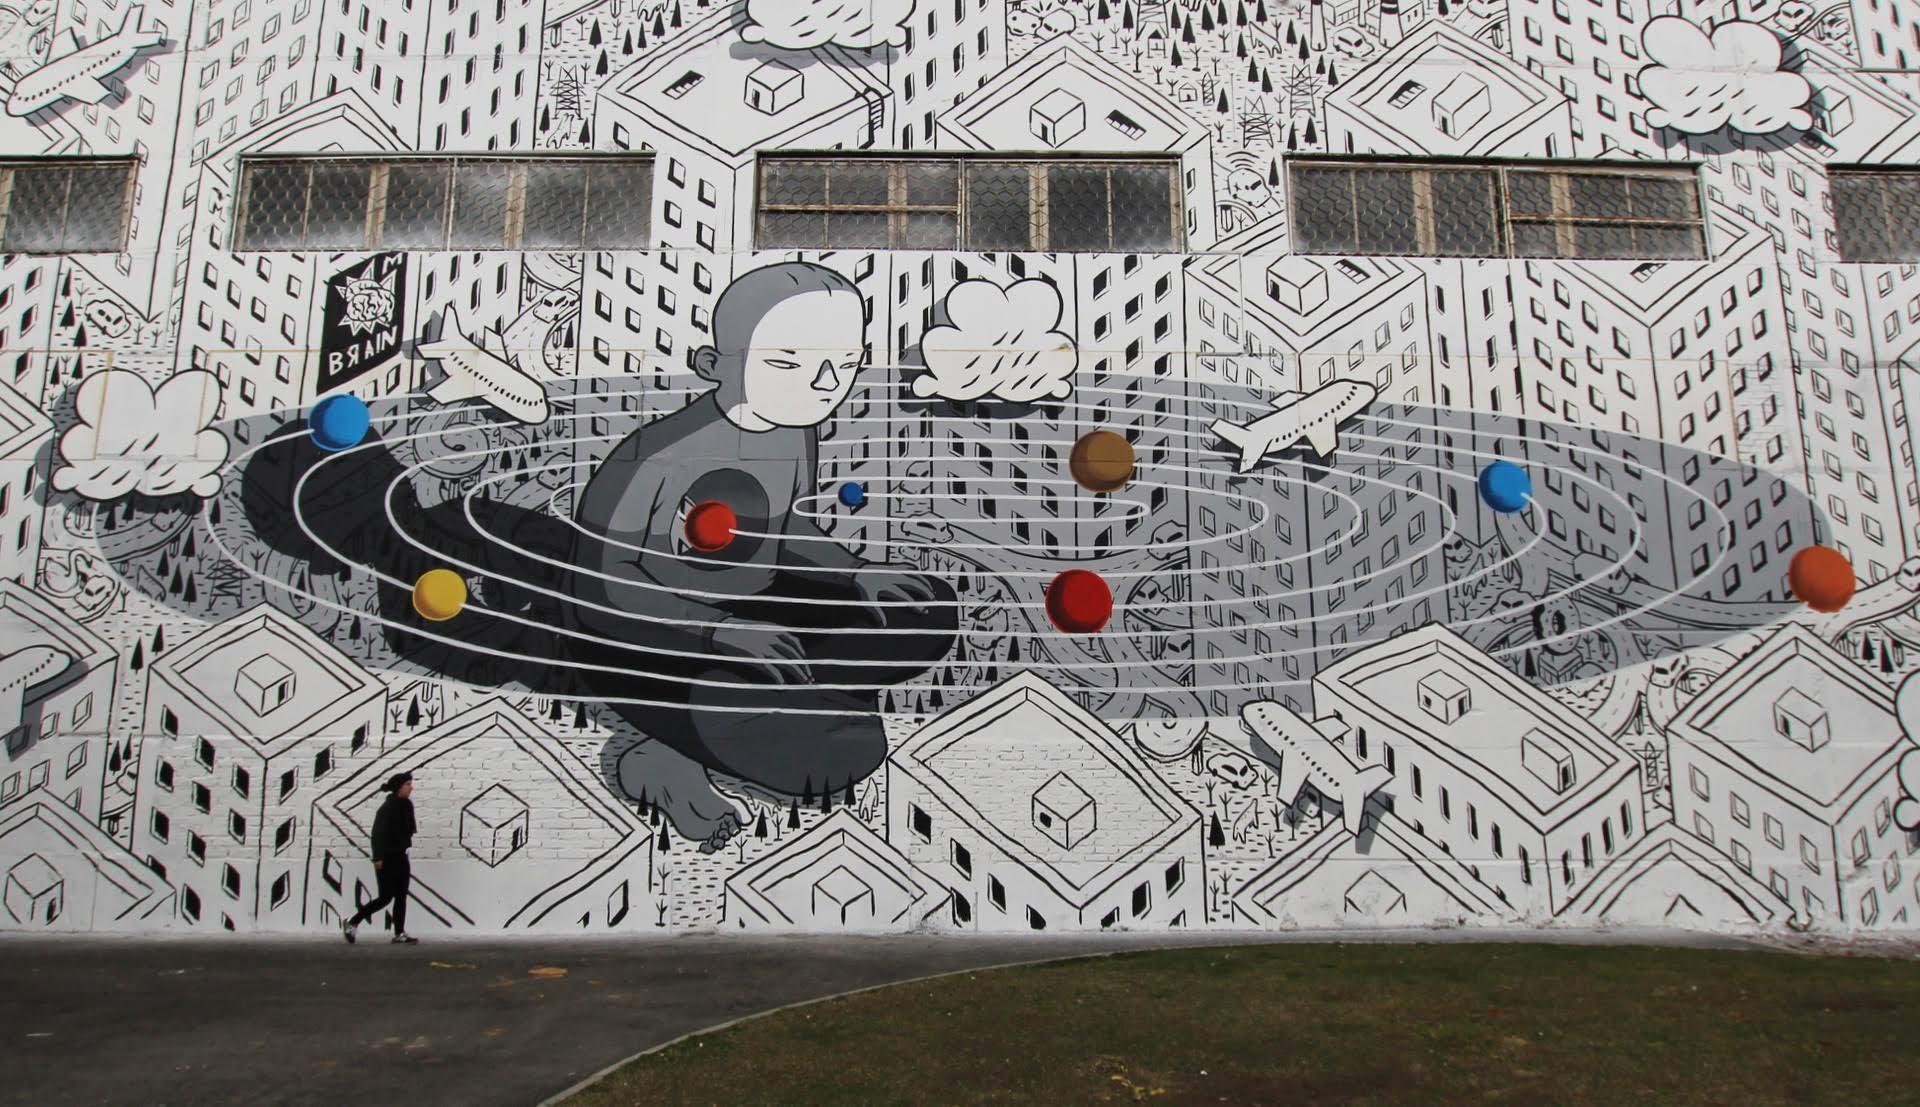 Rivoluzione, l'ultimo murales di Millo in Russia | Collater.al 2